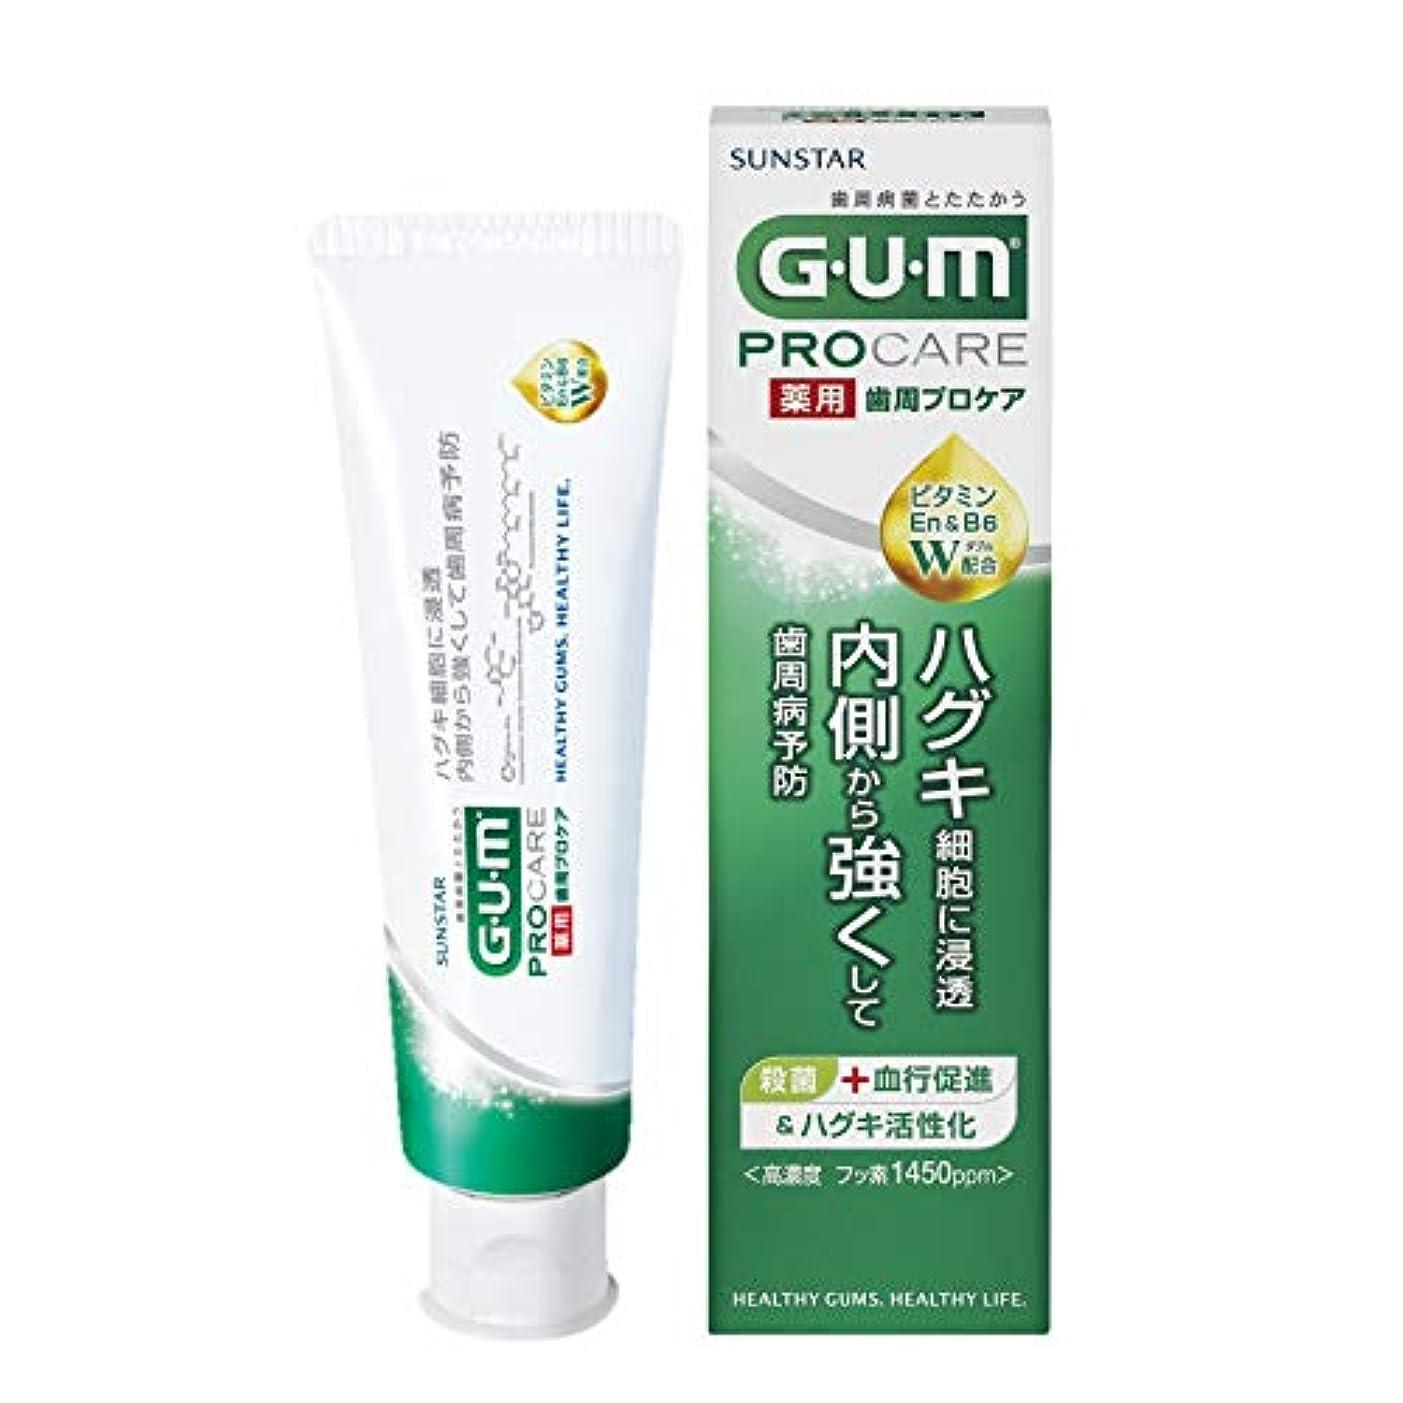 ポゴスティックジャンプお別れ物語[医薬部外品] GUM(ガム) 歯周プロケア 歯みがき 90g <歯周病予防 ハグキケア 高濃度フッ素配合 1,450ppm>